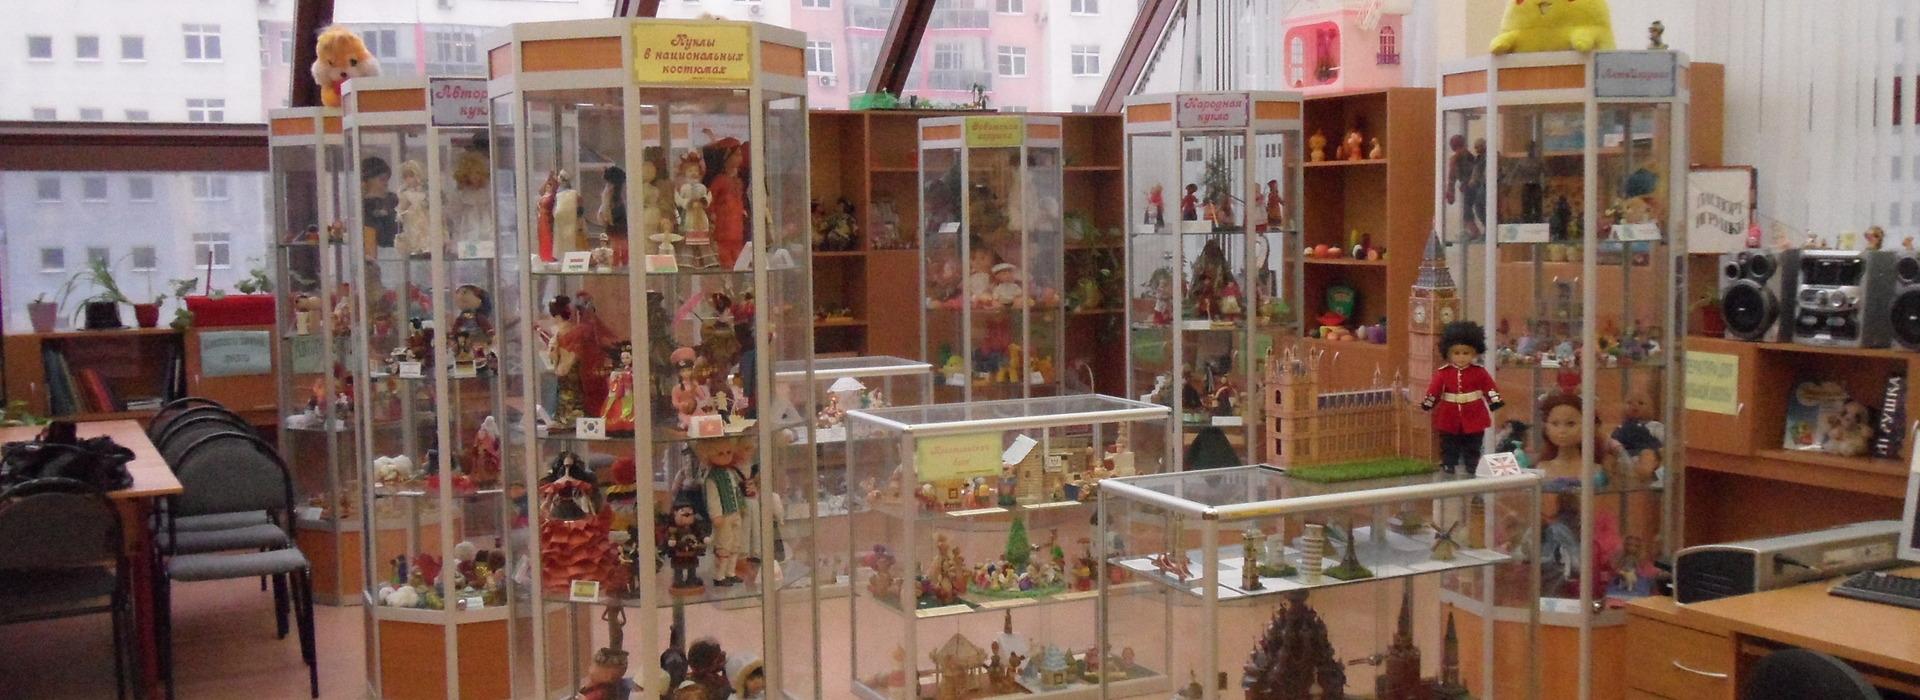 Музей игры игрушки